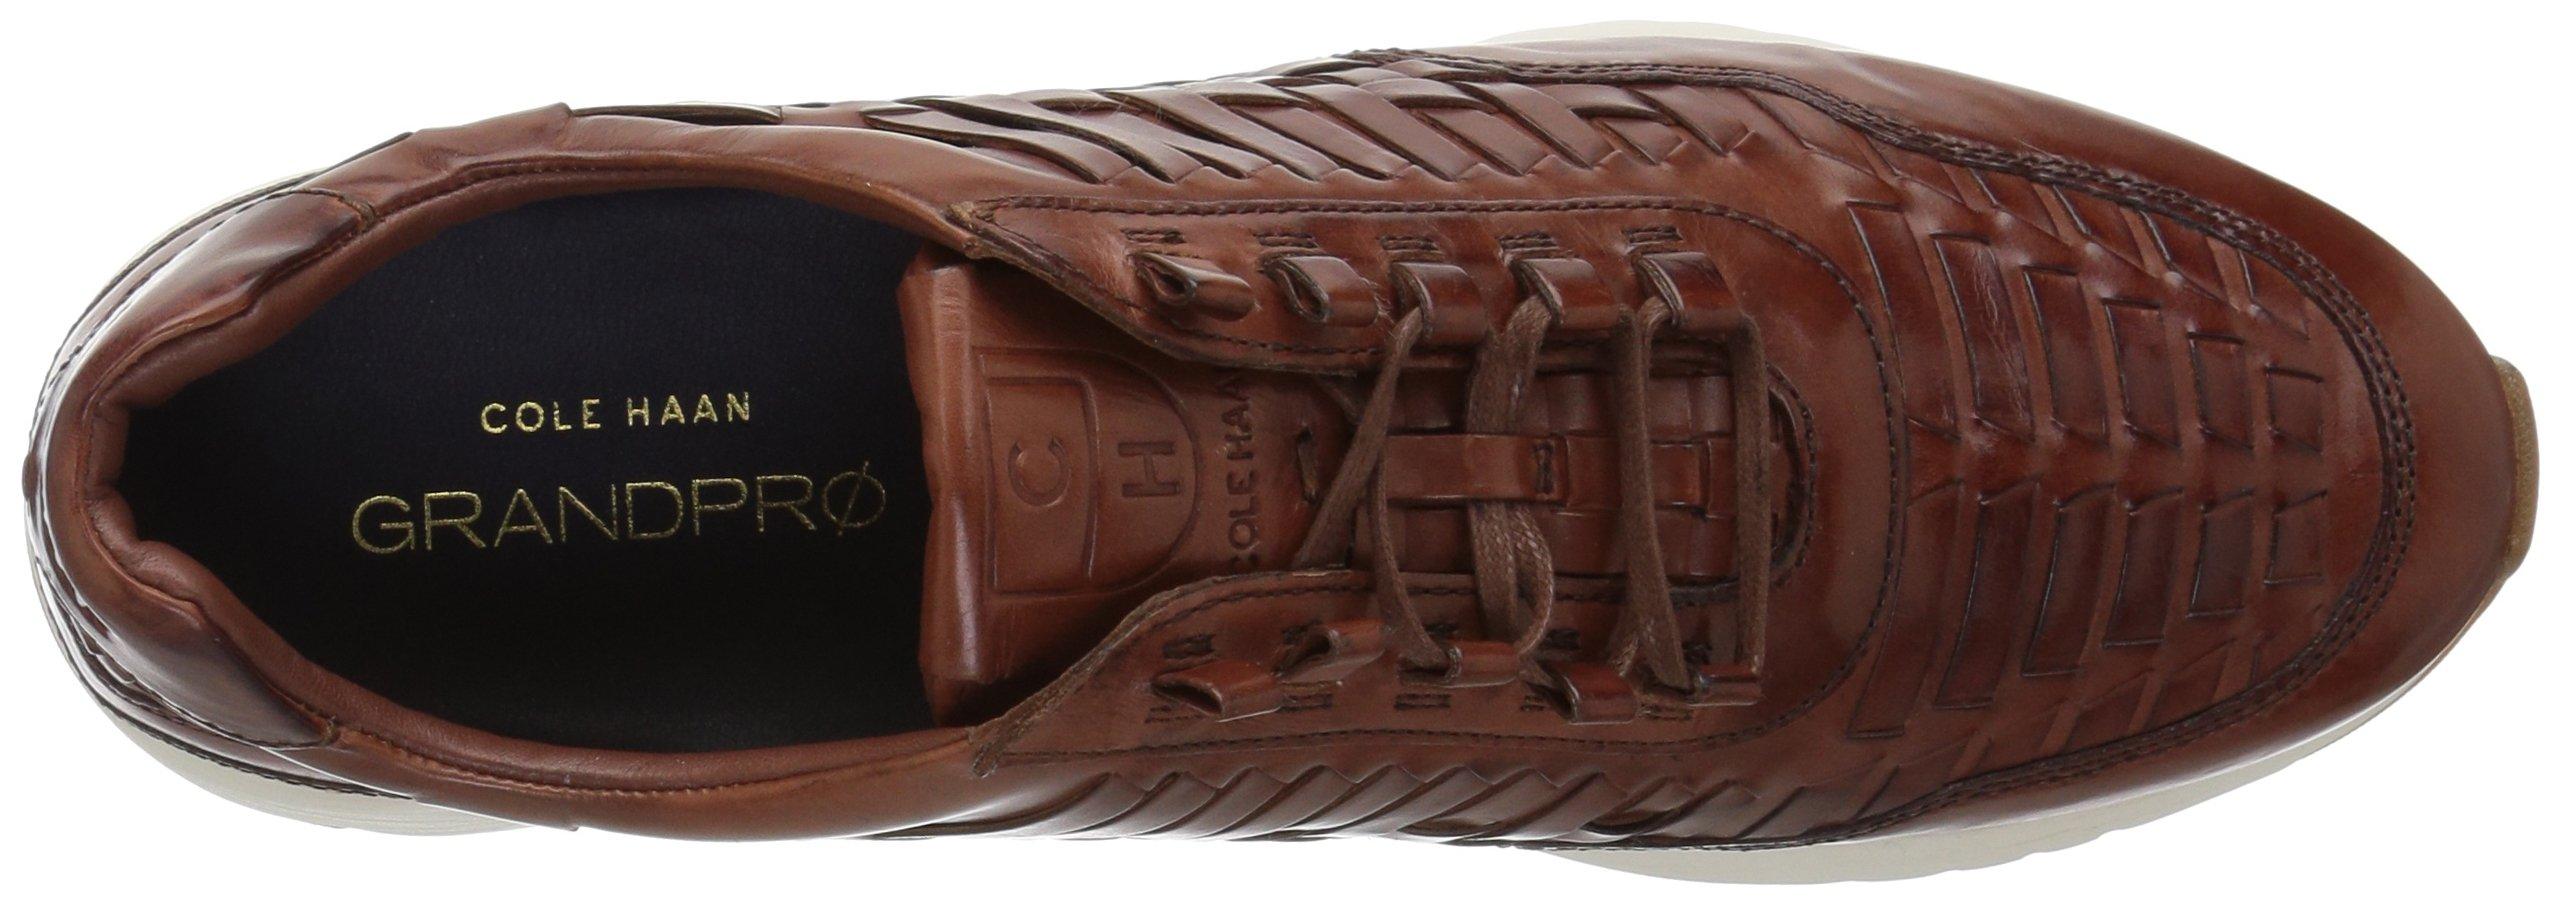 Cole Haan Men's Grandpro Runner Huarache Sneaker, Woodbury Woven Burnish, 12 Medium US by Cole Haan (Image #7)